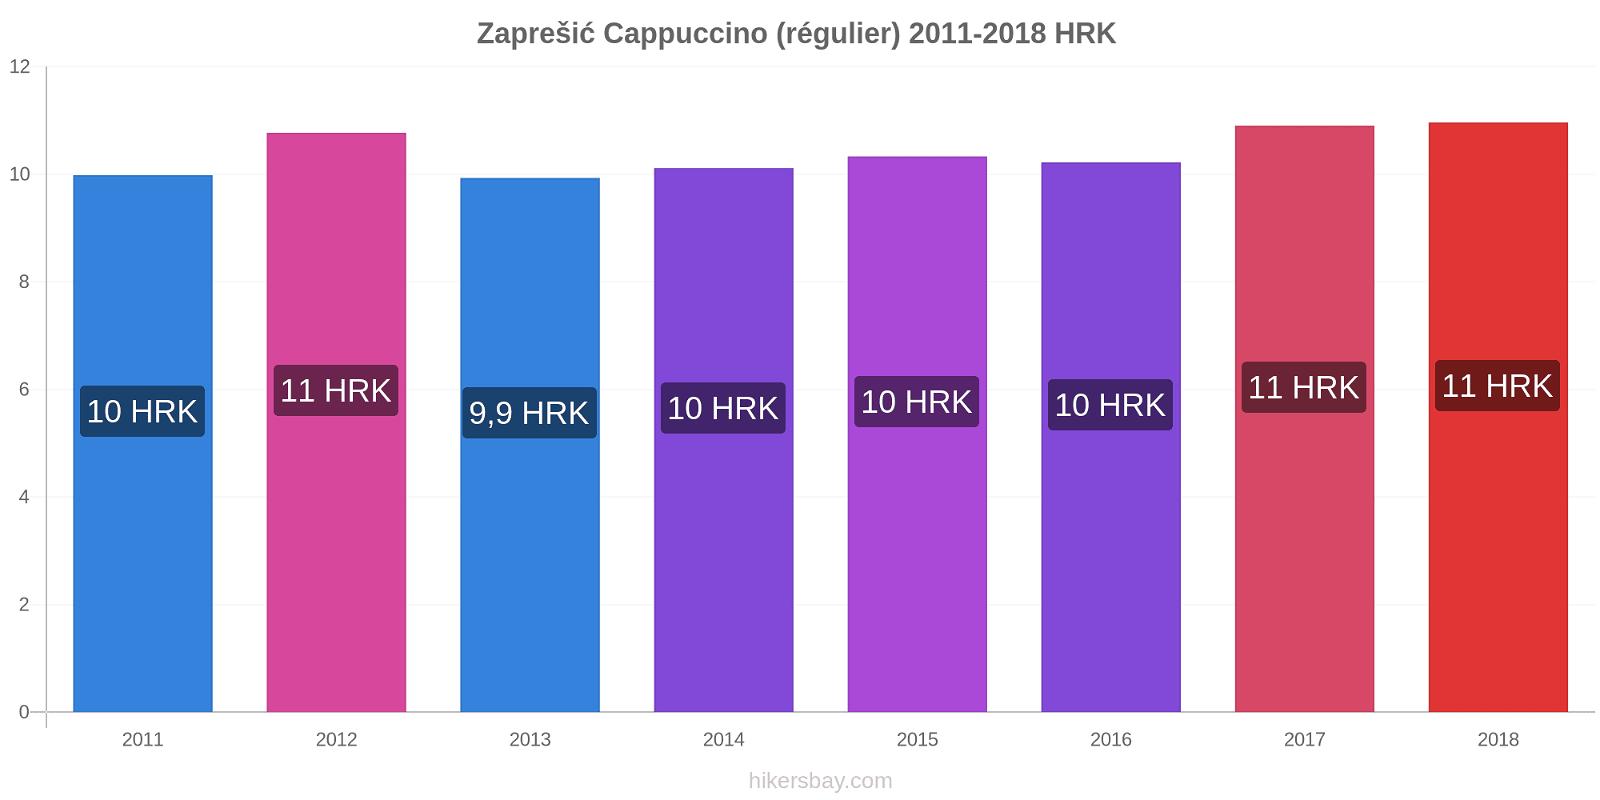 Zaprešić changements de prix Cappuccino (régulier) hikersbay.com